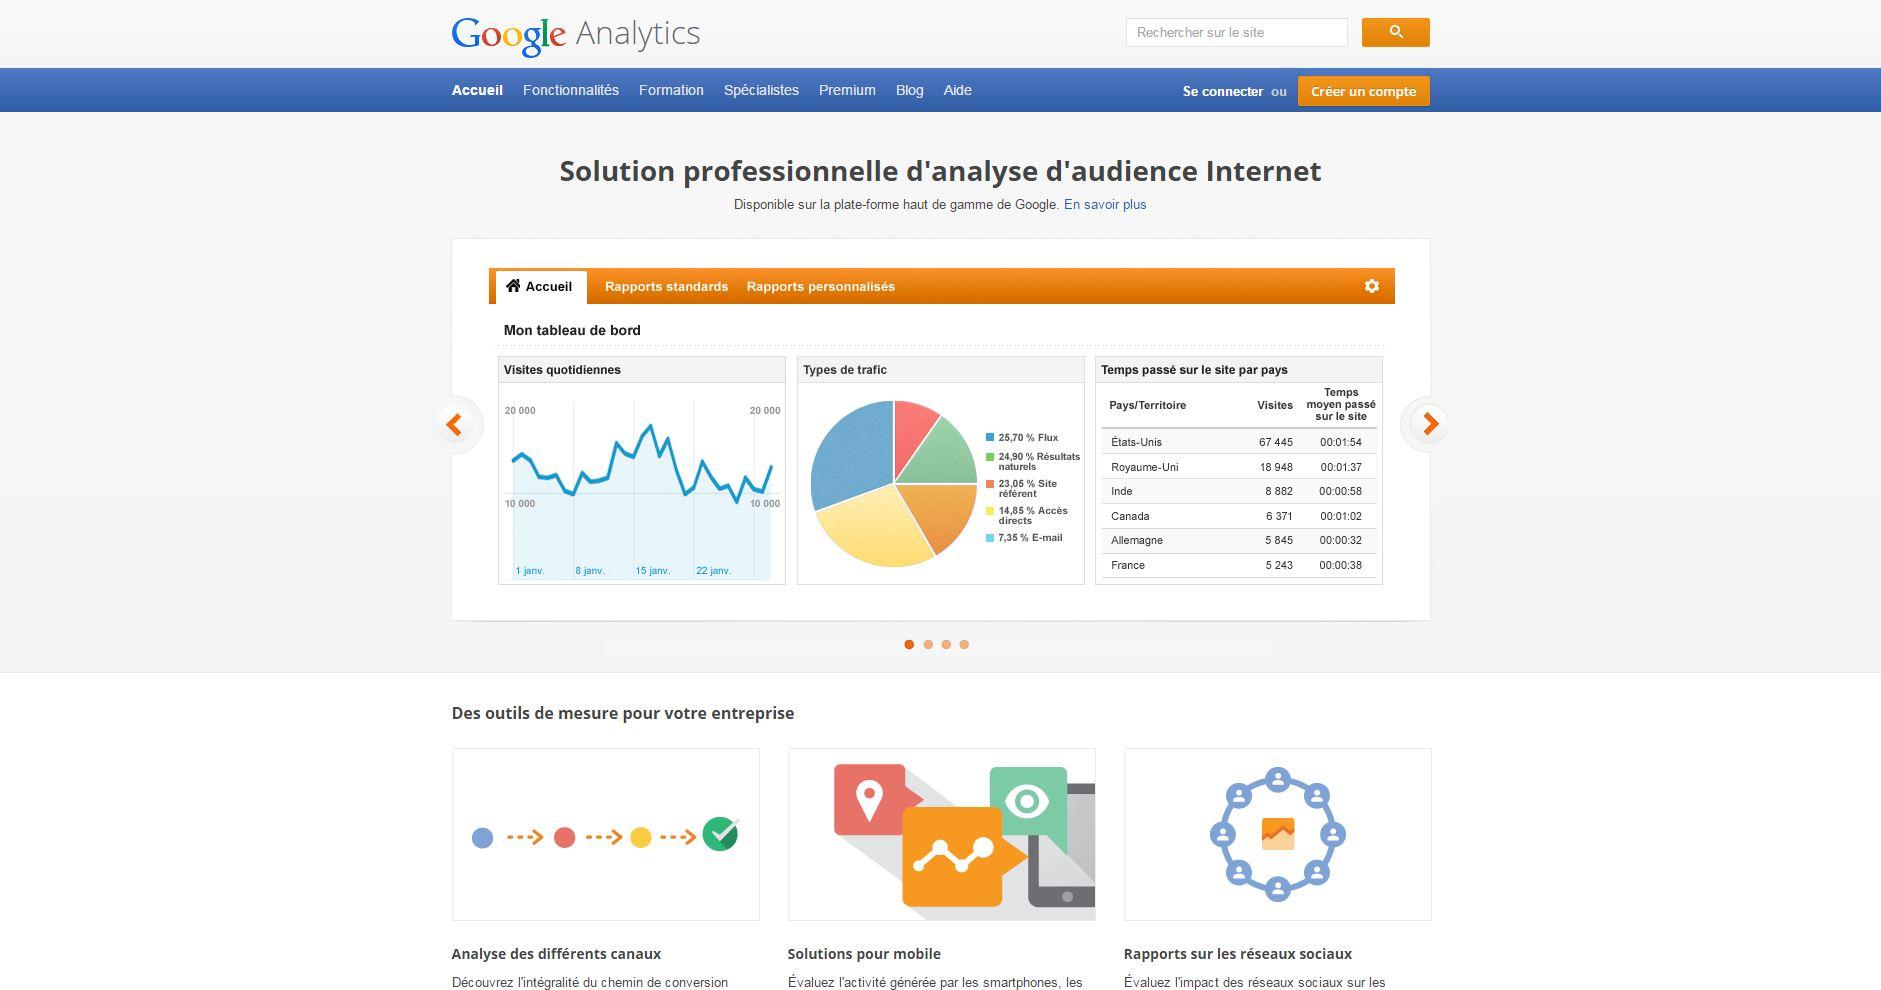 Google Analytics - Outil de suivi de performance et statistique